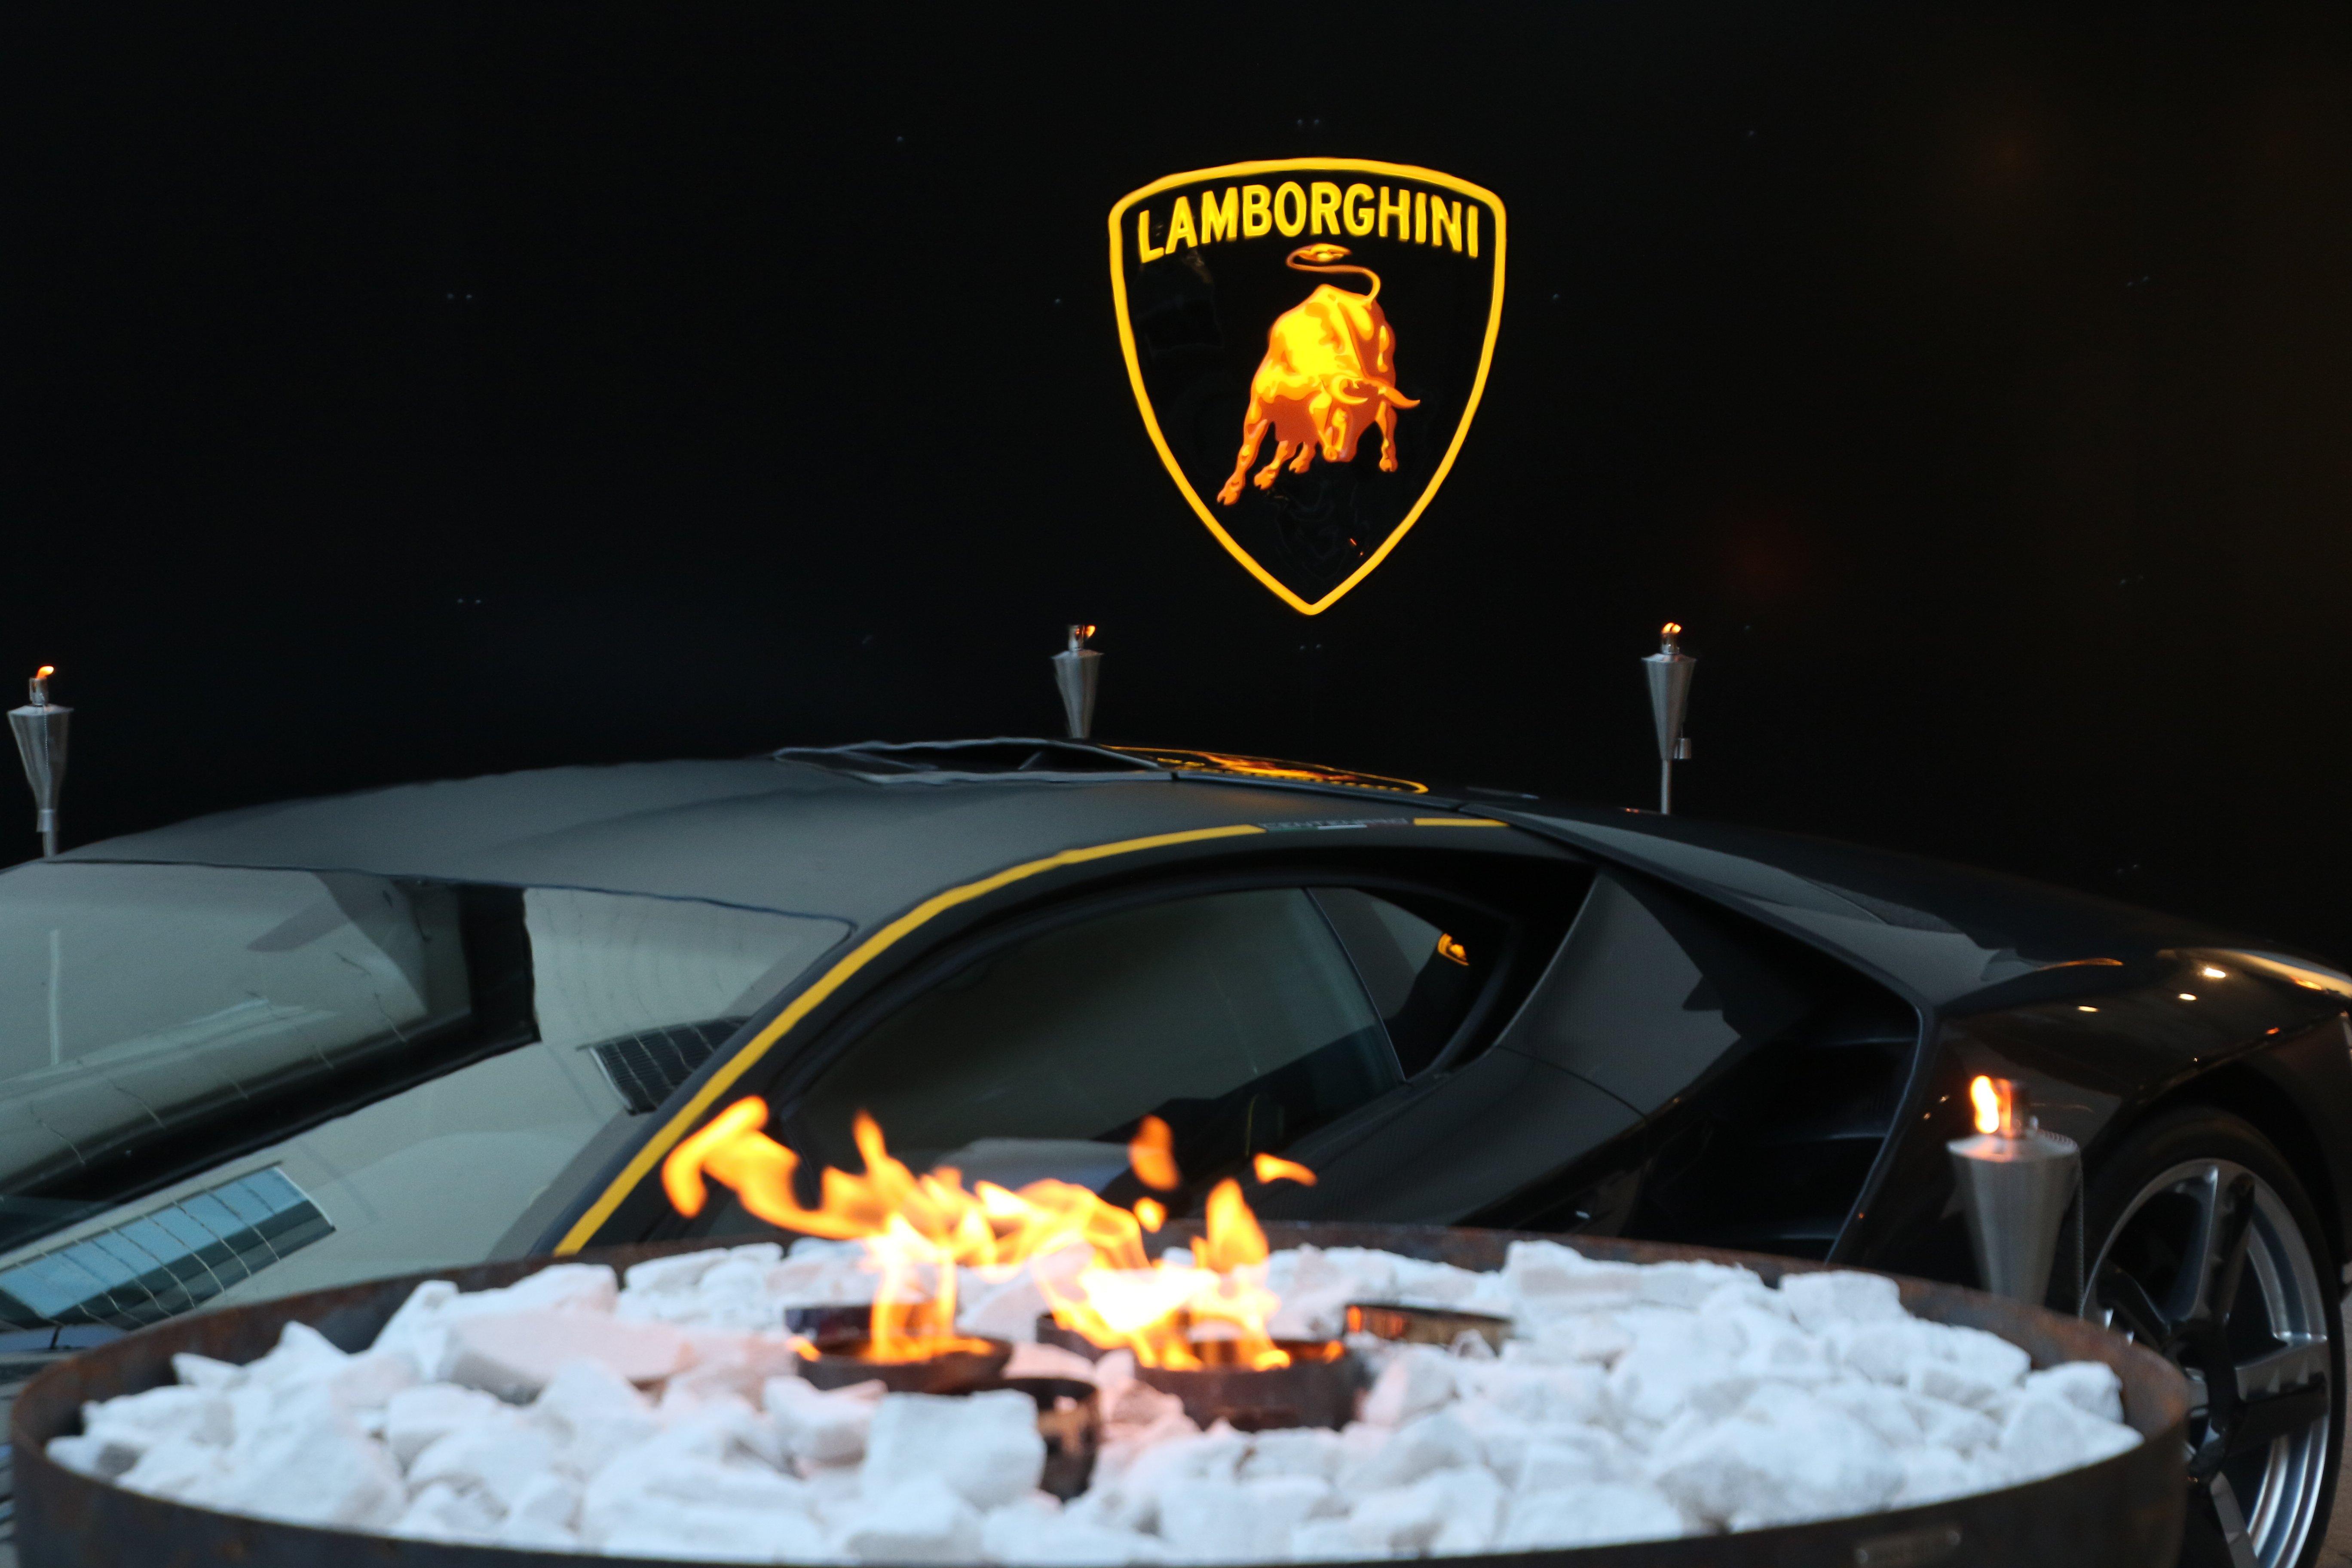 Lamborghini Lounge St. Moritz 2017